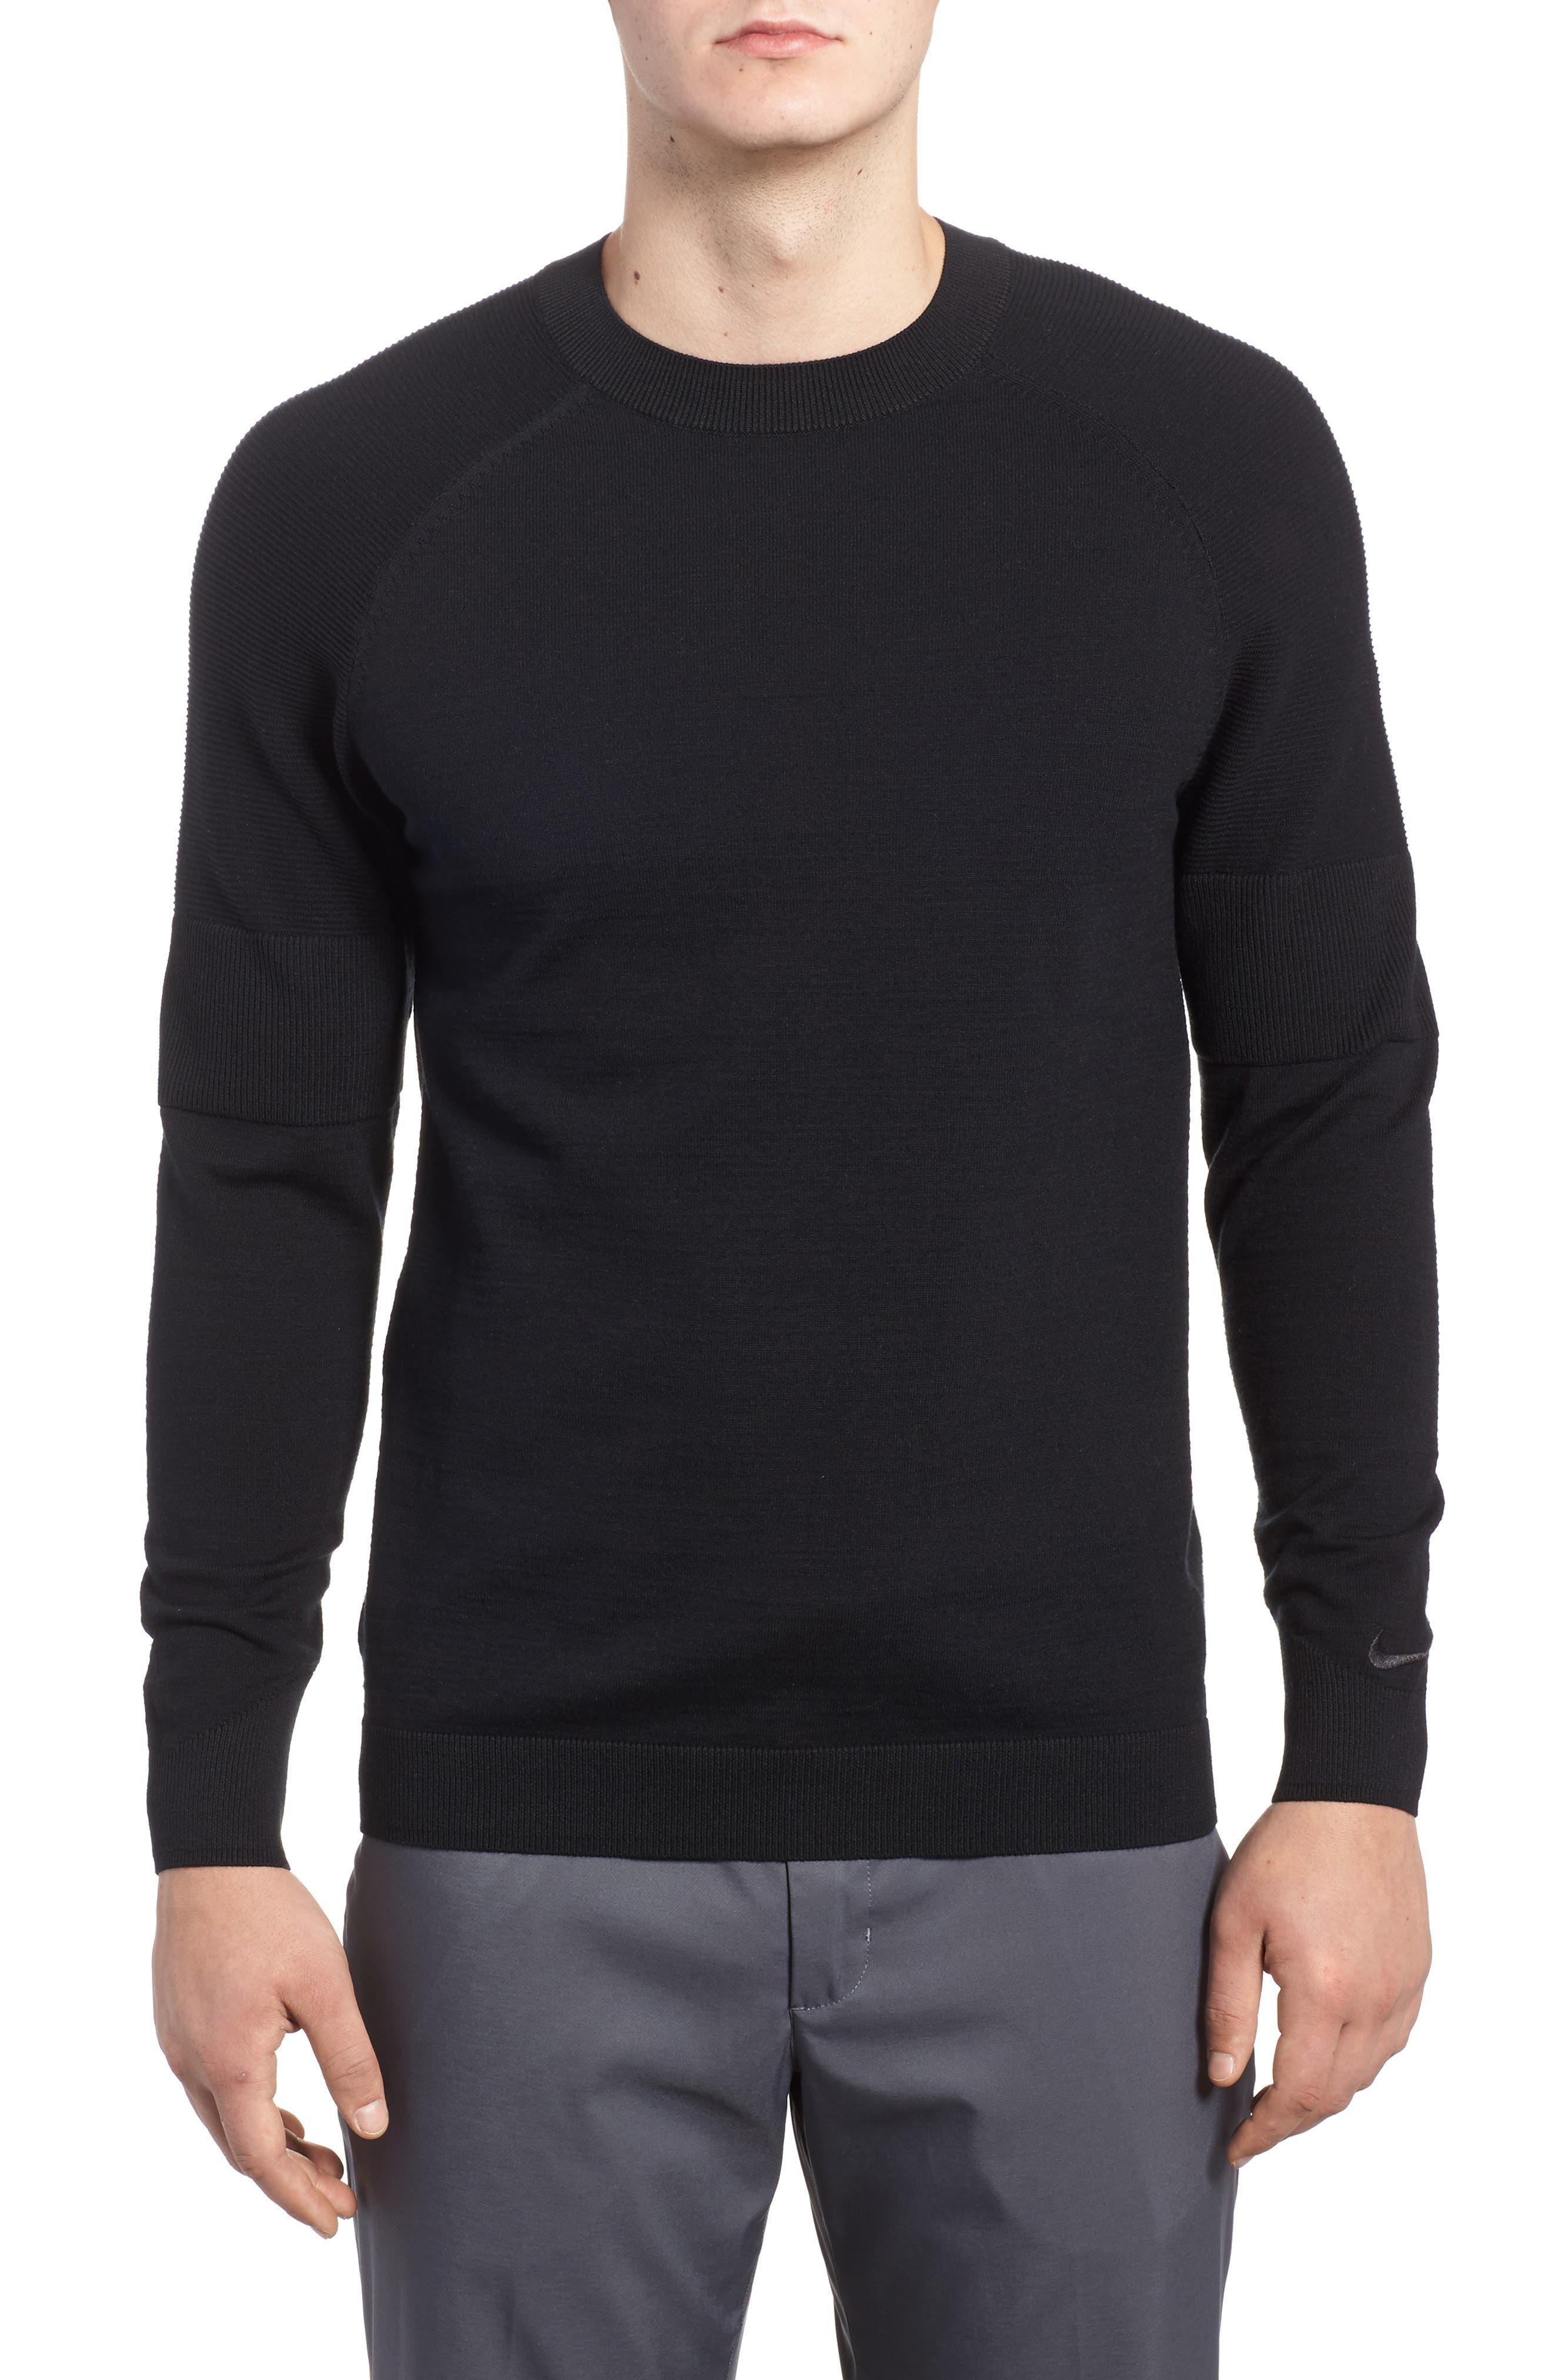 TW Cotton Blend Sweatshirt,                         Main,                         color, Black/ Black